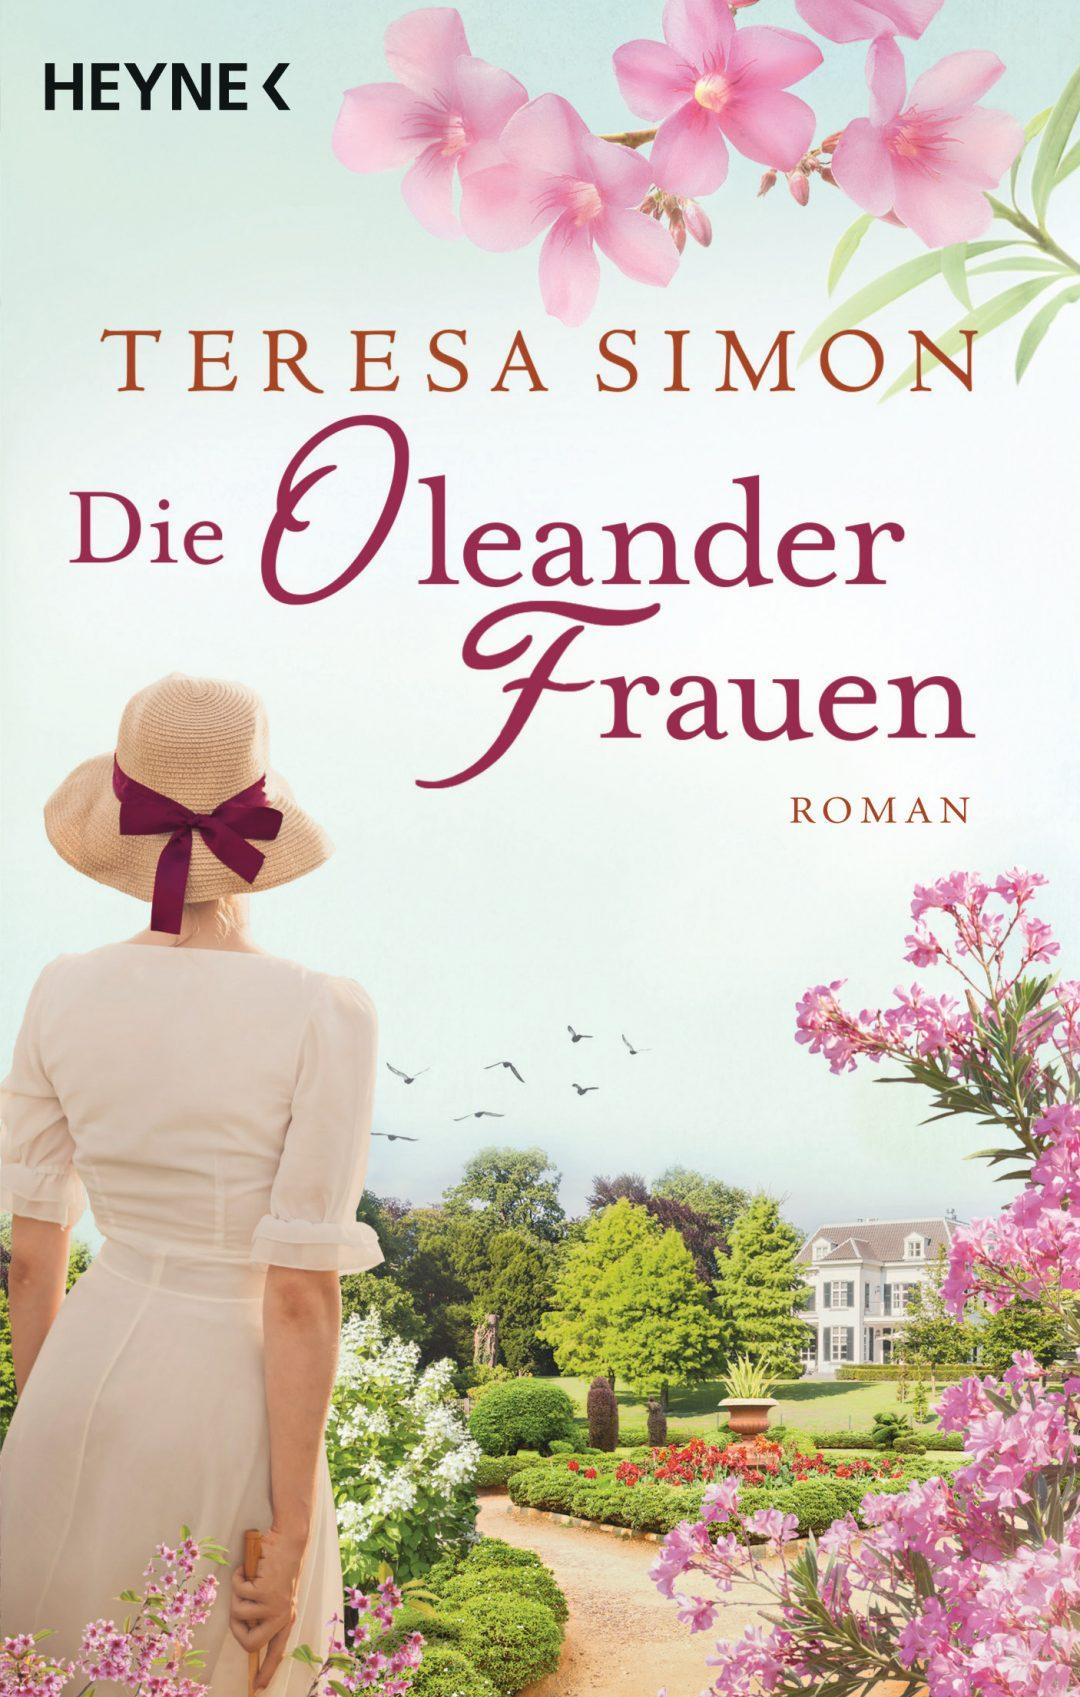 Die Oleanderfrauen von Teresa Simon © Heyne Verlag